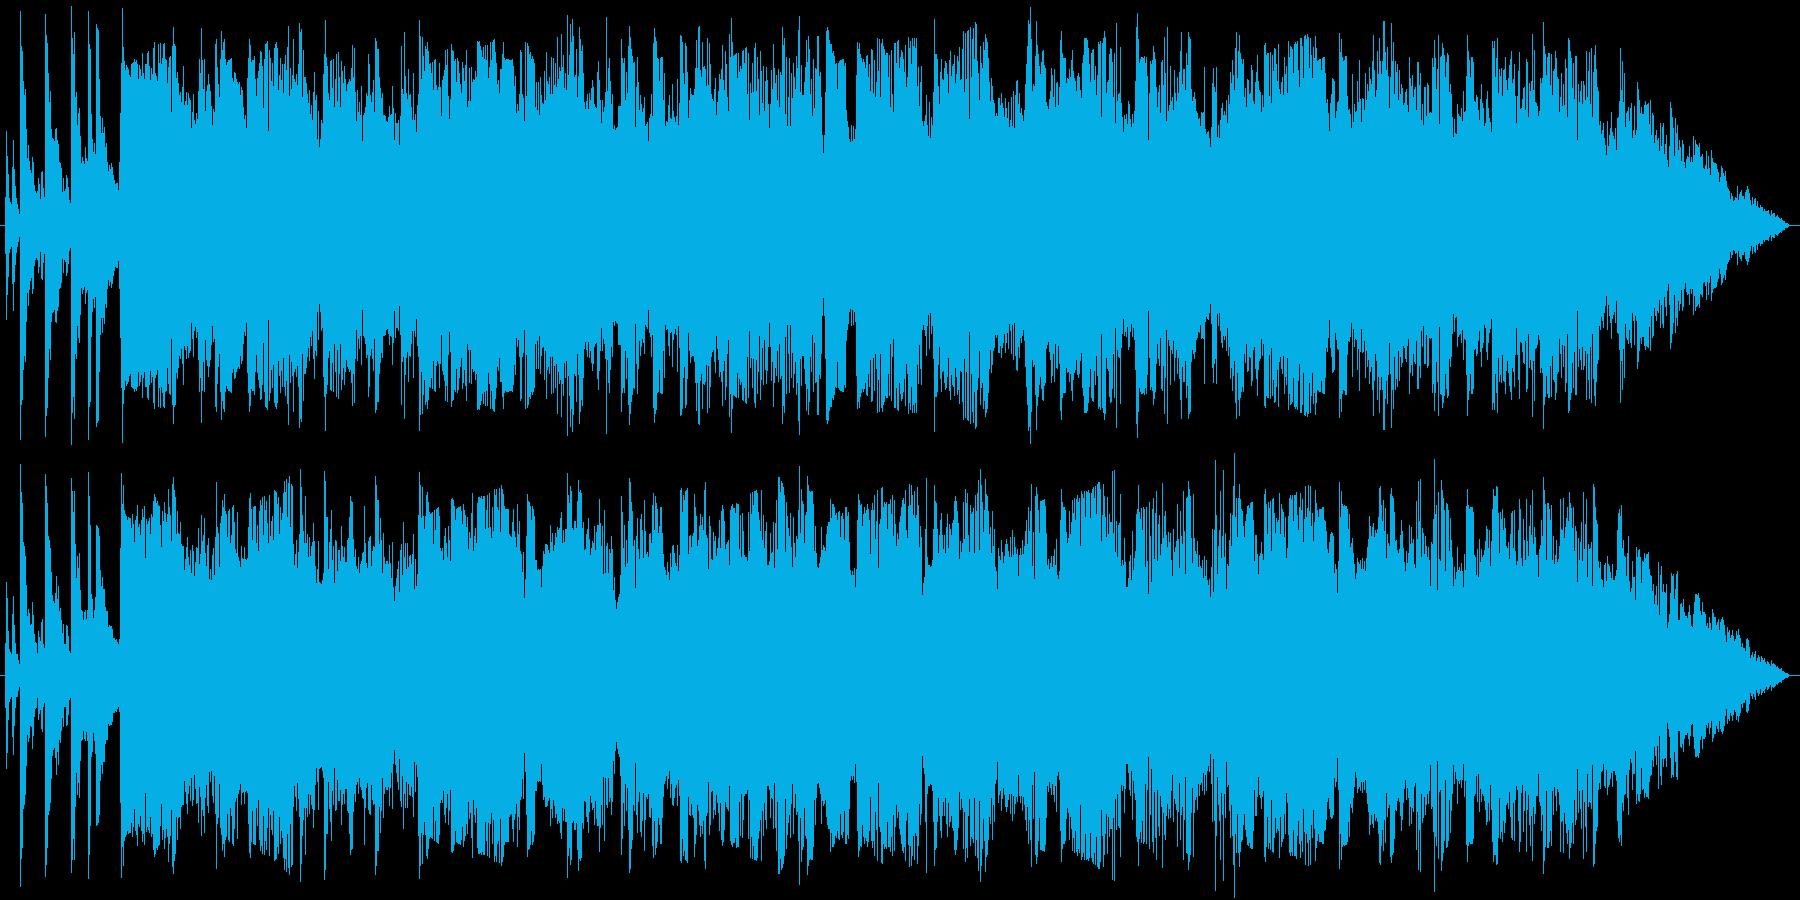 爽やかなポップスのバイオリンジングルの再生済みの波形